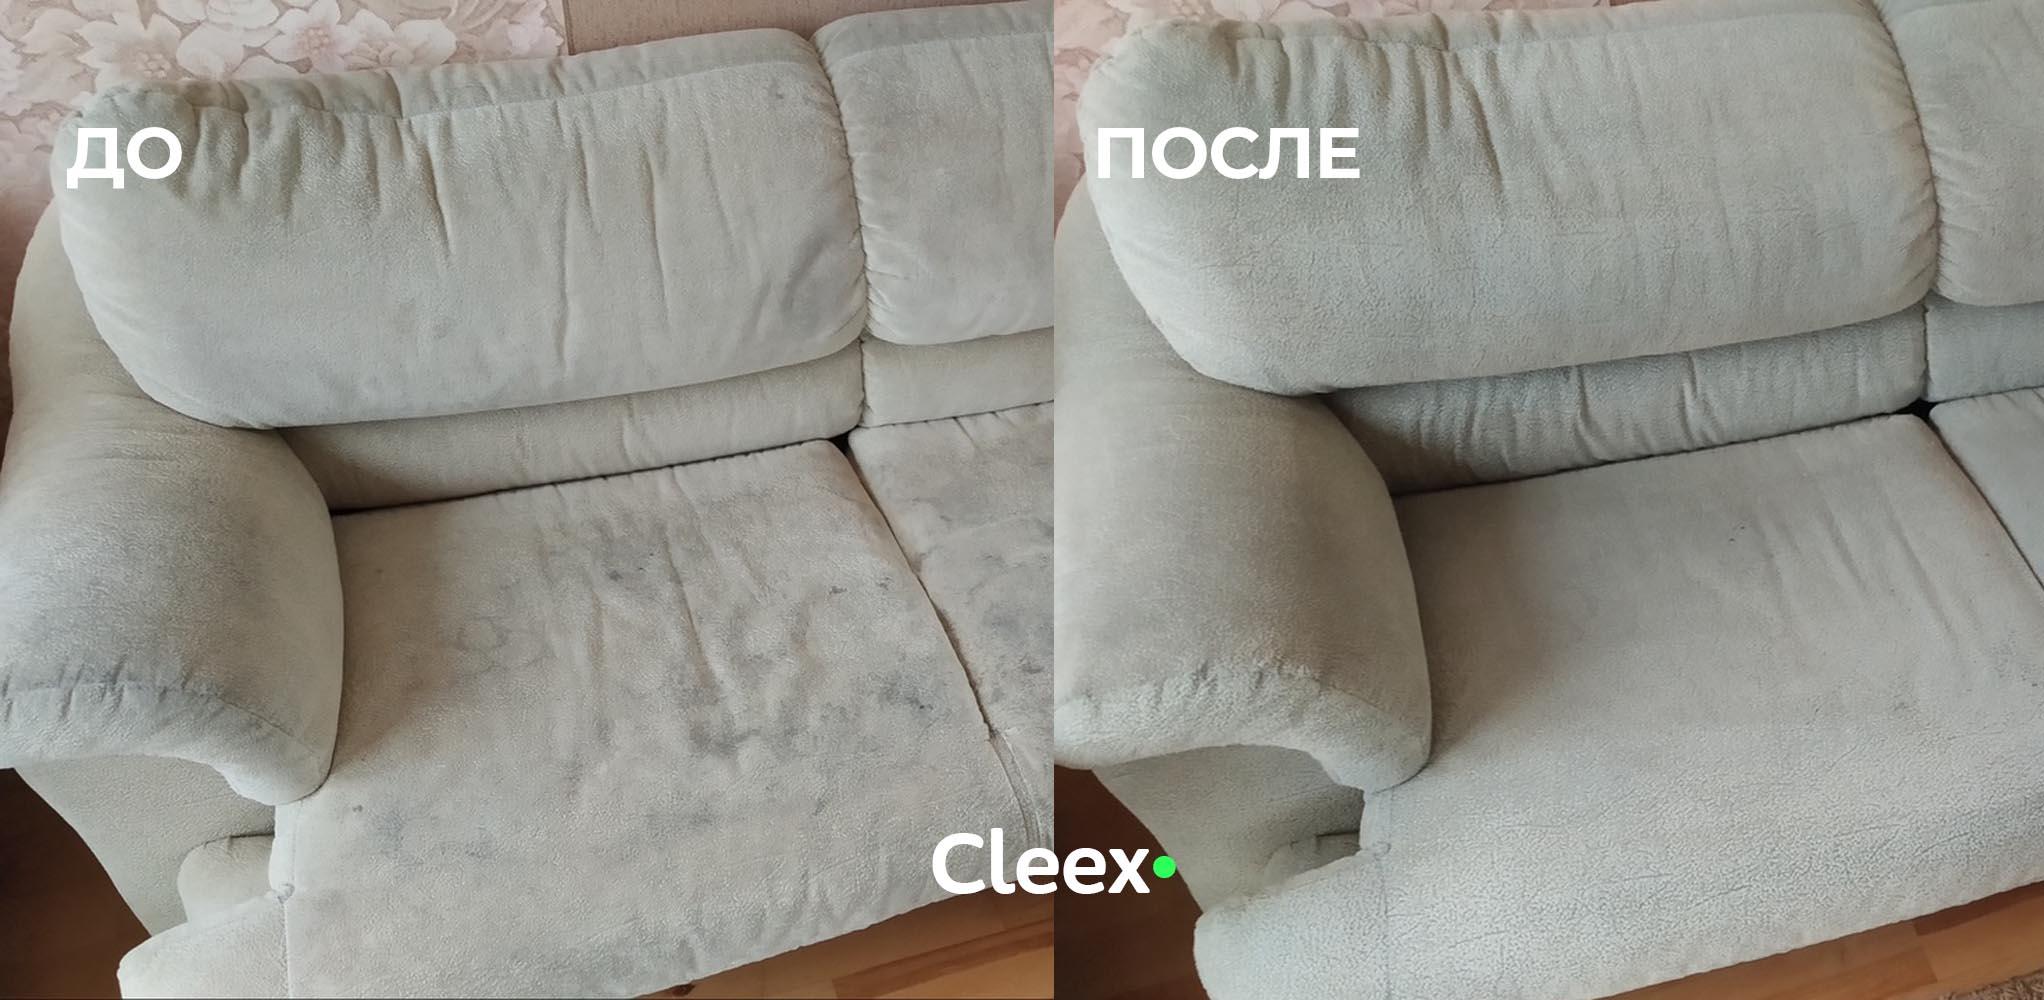 Выездная химчистка мебели на дому в Гродно. Приемлемые цены. Cleex